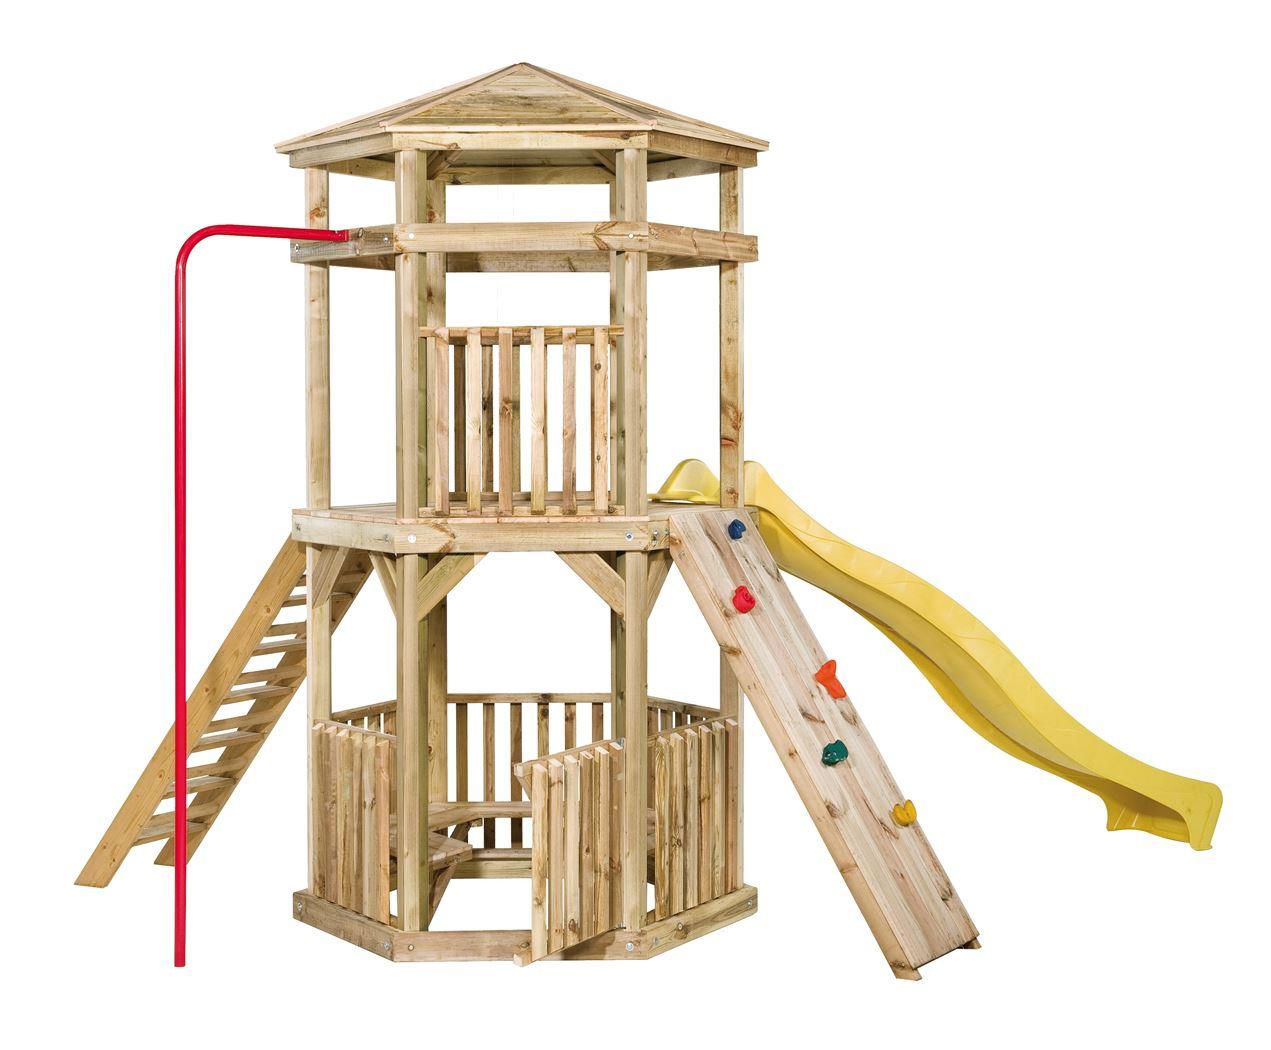 Centjes voor speeltoestel crazy climber